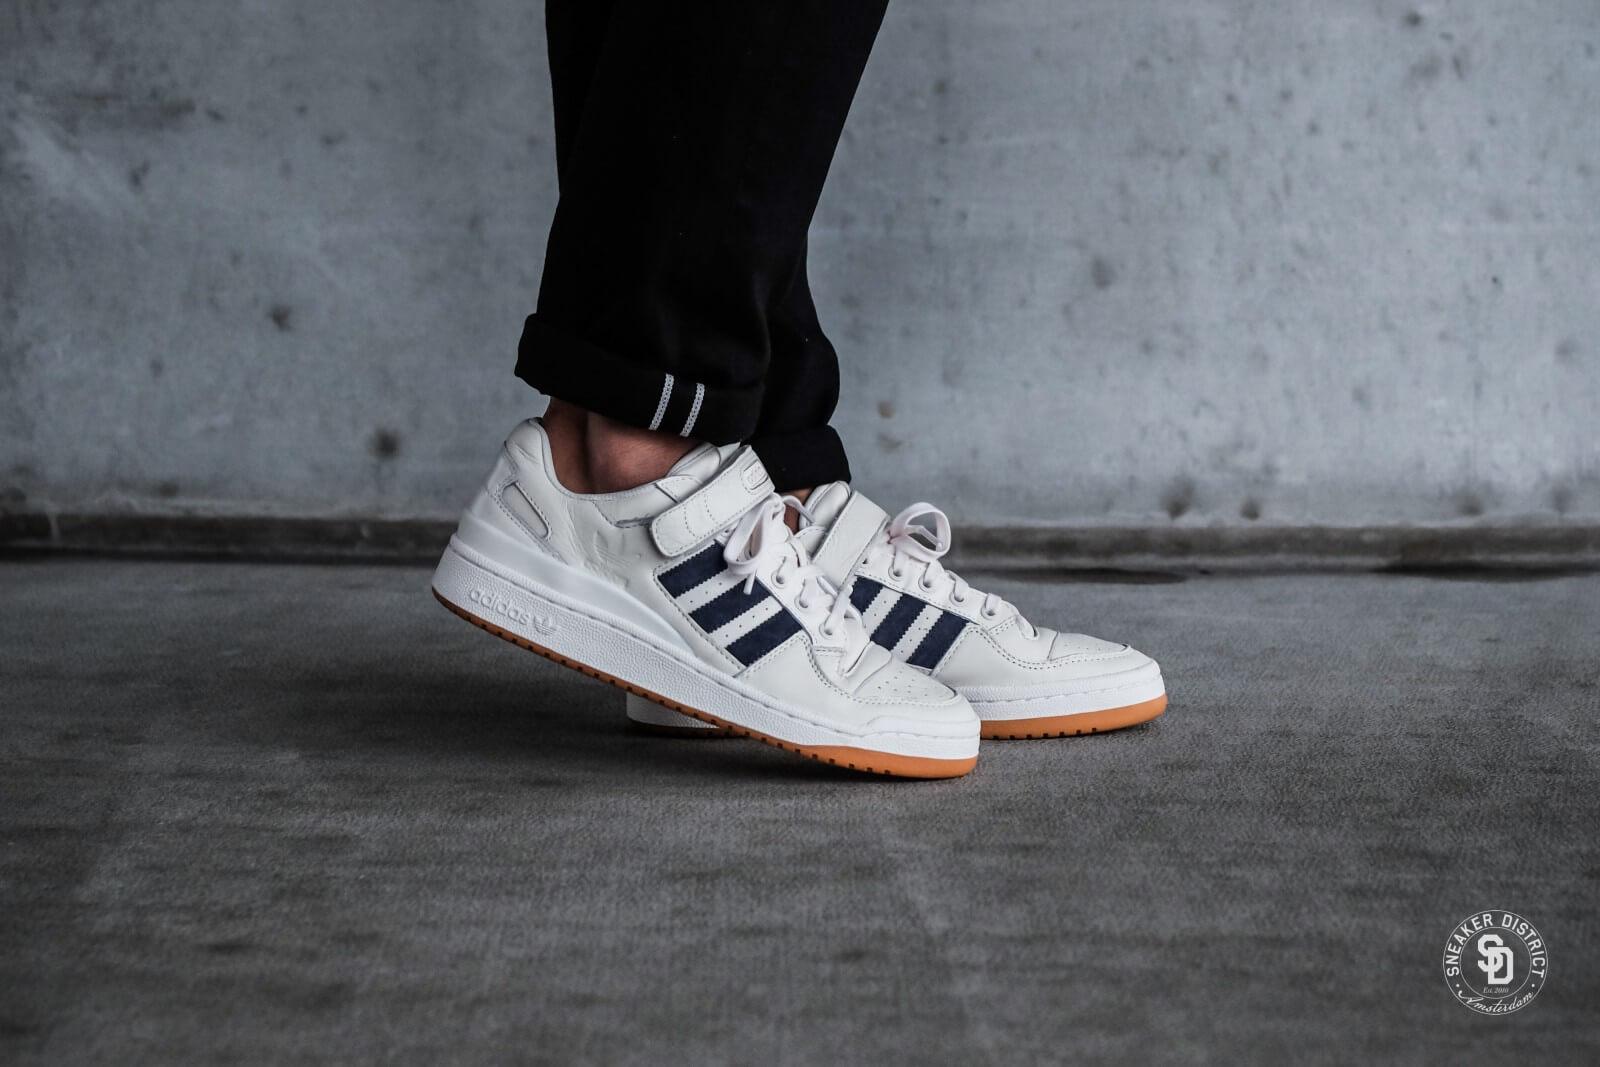 Adidas Forum Low Chalk WhiteTrace Blue Gum CQ0996